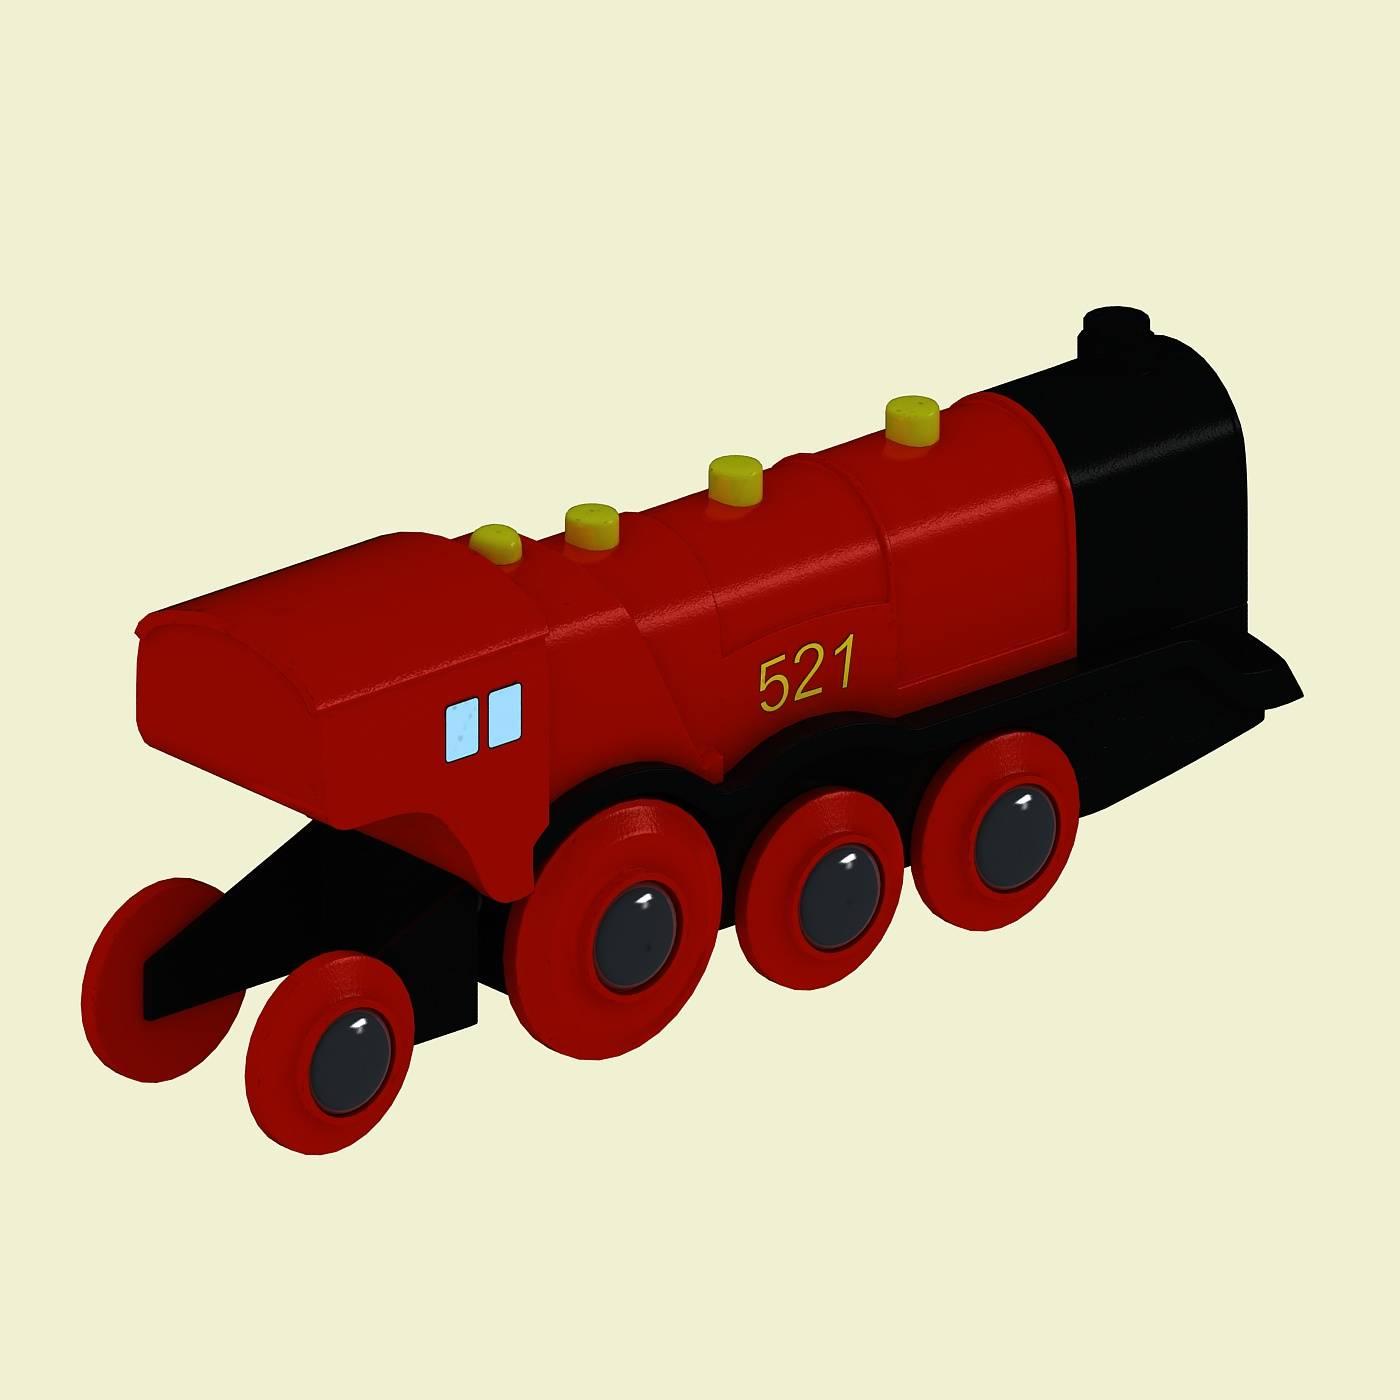 红色玩具火车模型